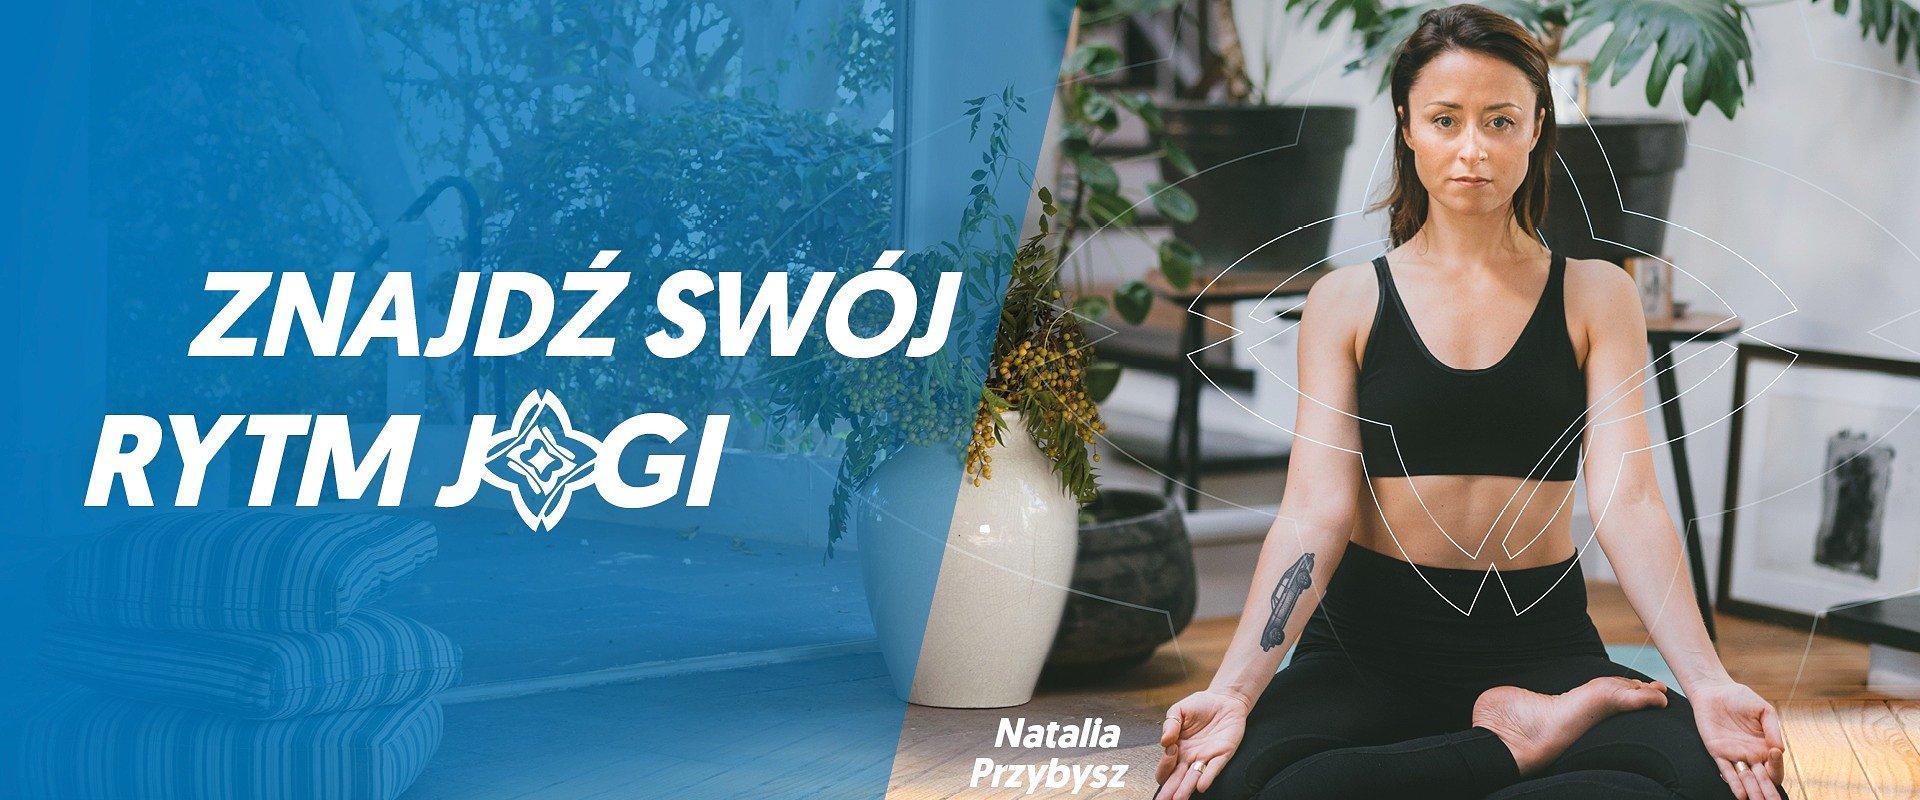 Znajdź swój rytm jogi razem z Natalią Przybysz i Decathlon